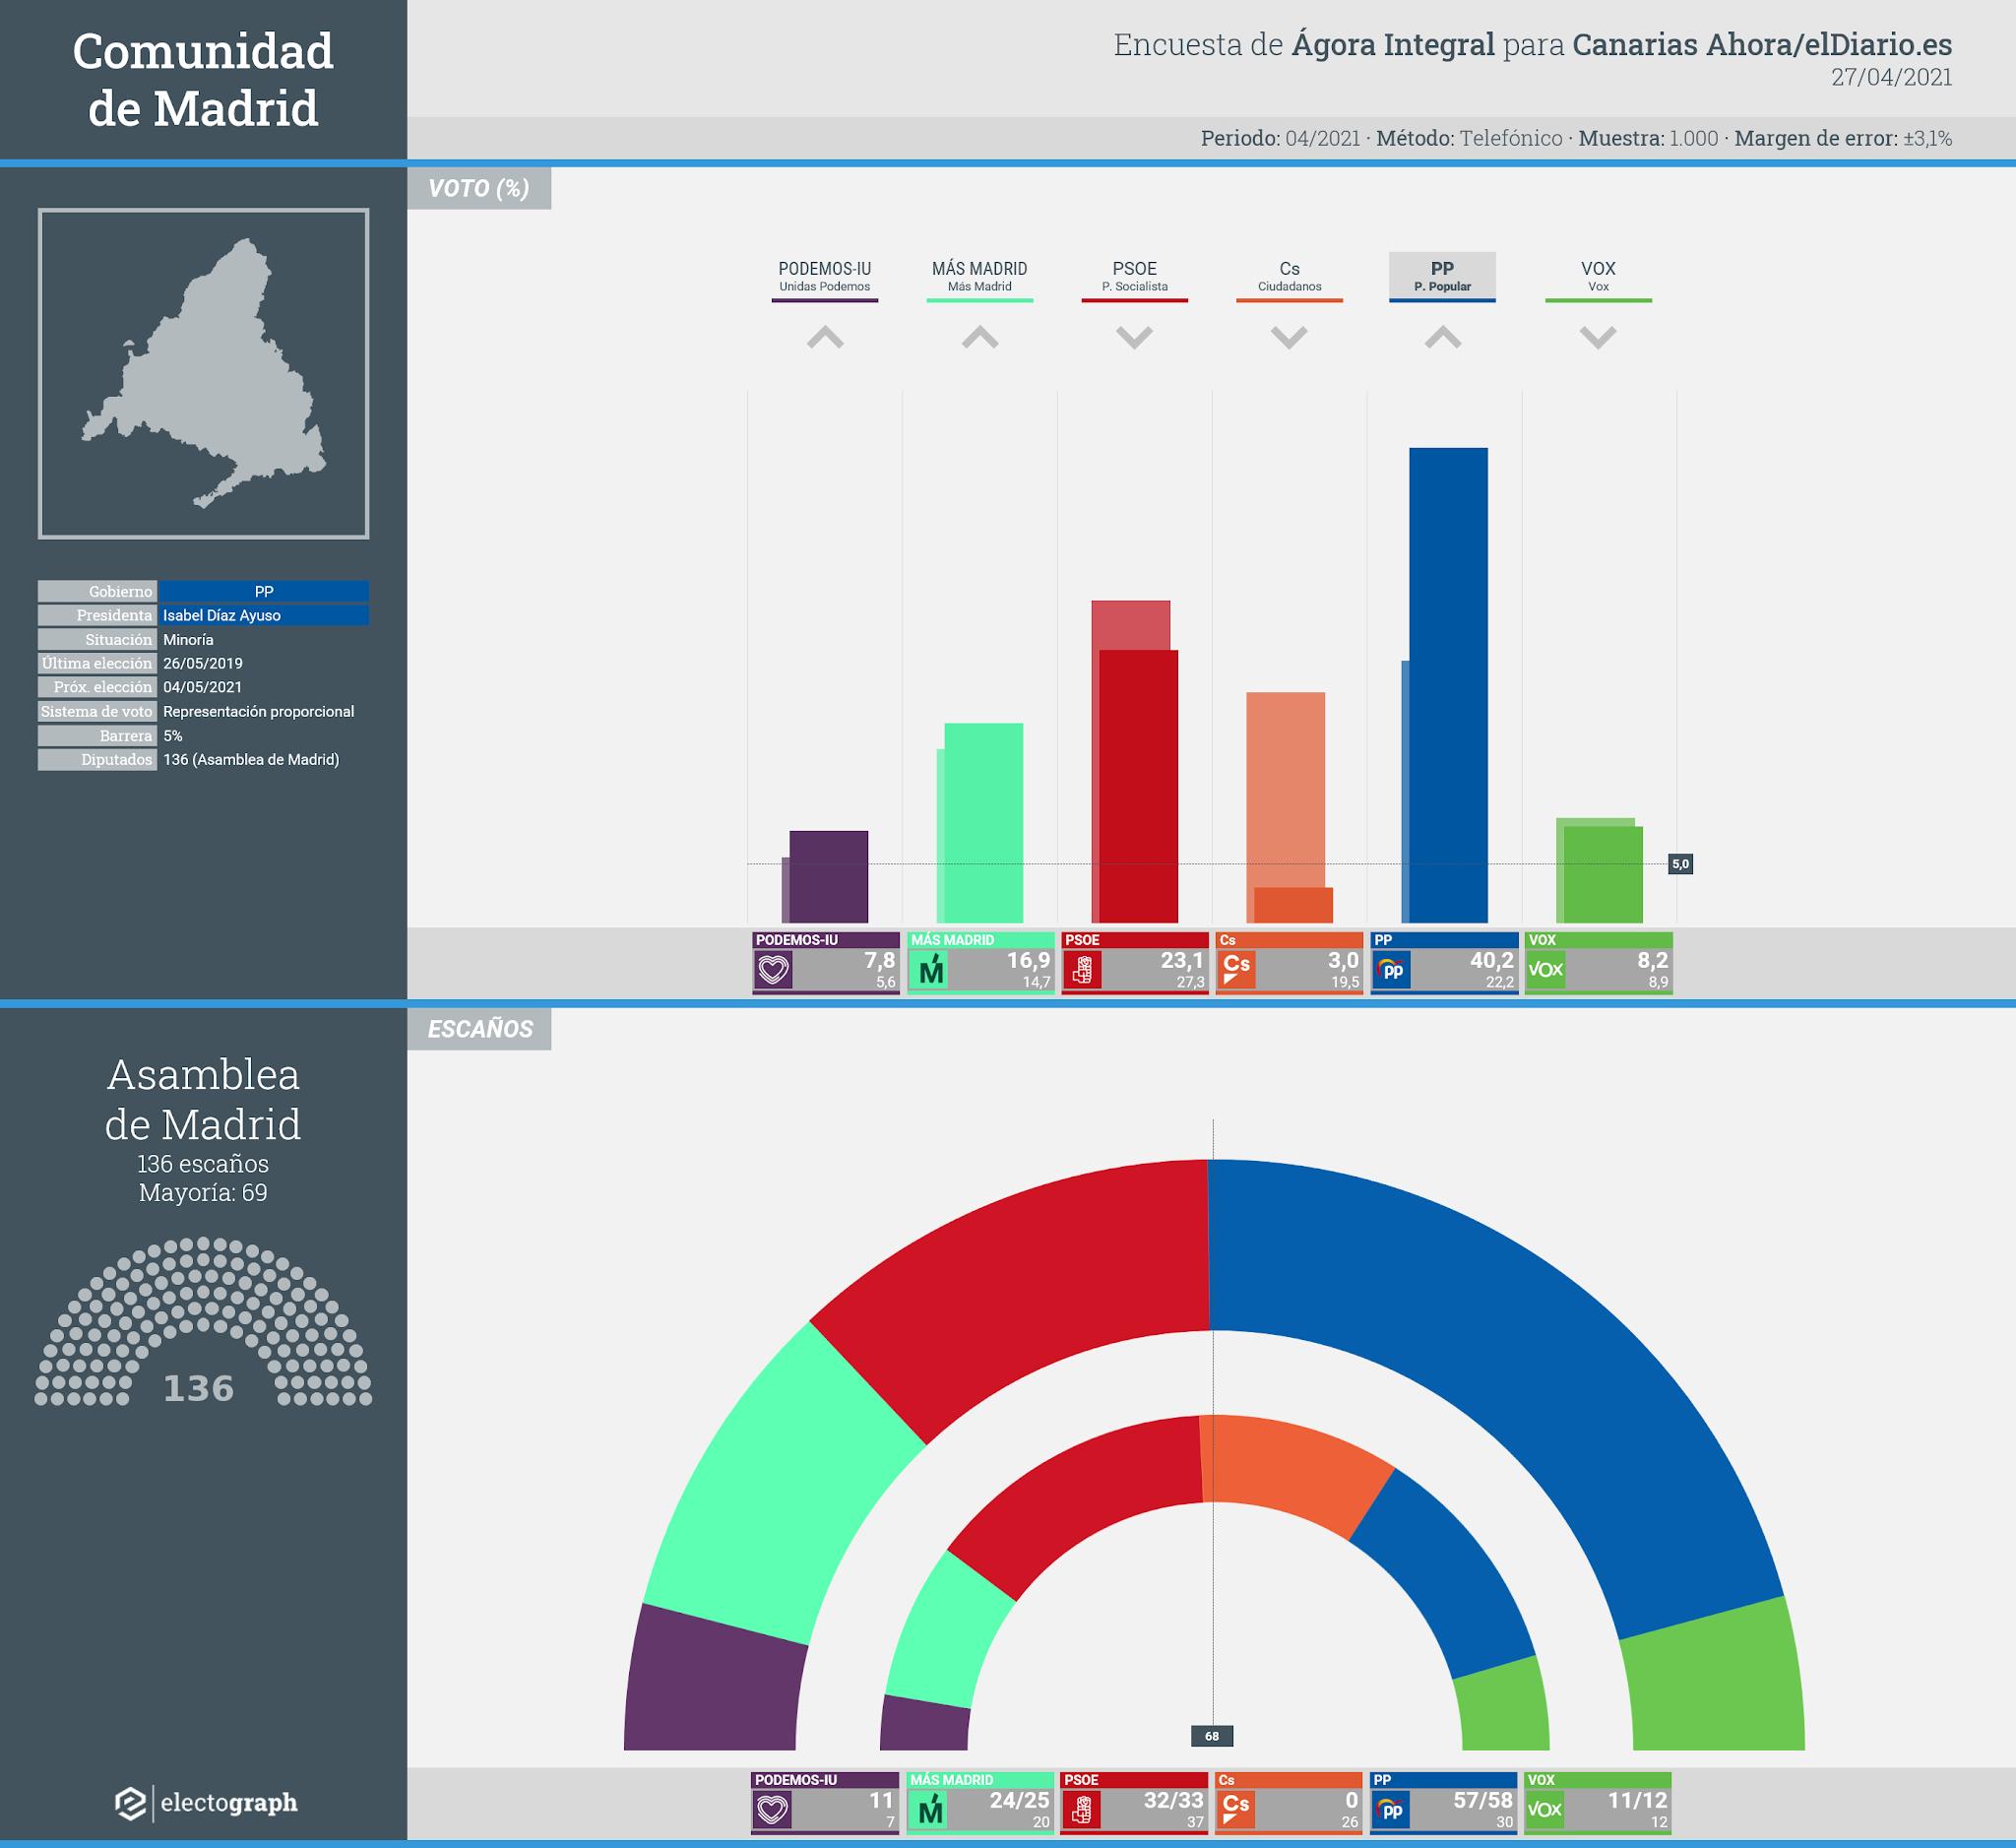 Gráfico de la encuesta para elecciones autonómicas en la Comunidad de Madrid realizada por Ágora Integral para Canarias Ahora/elDiario.es, 27 de abril de 2021